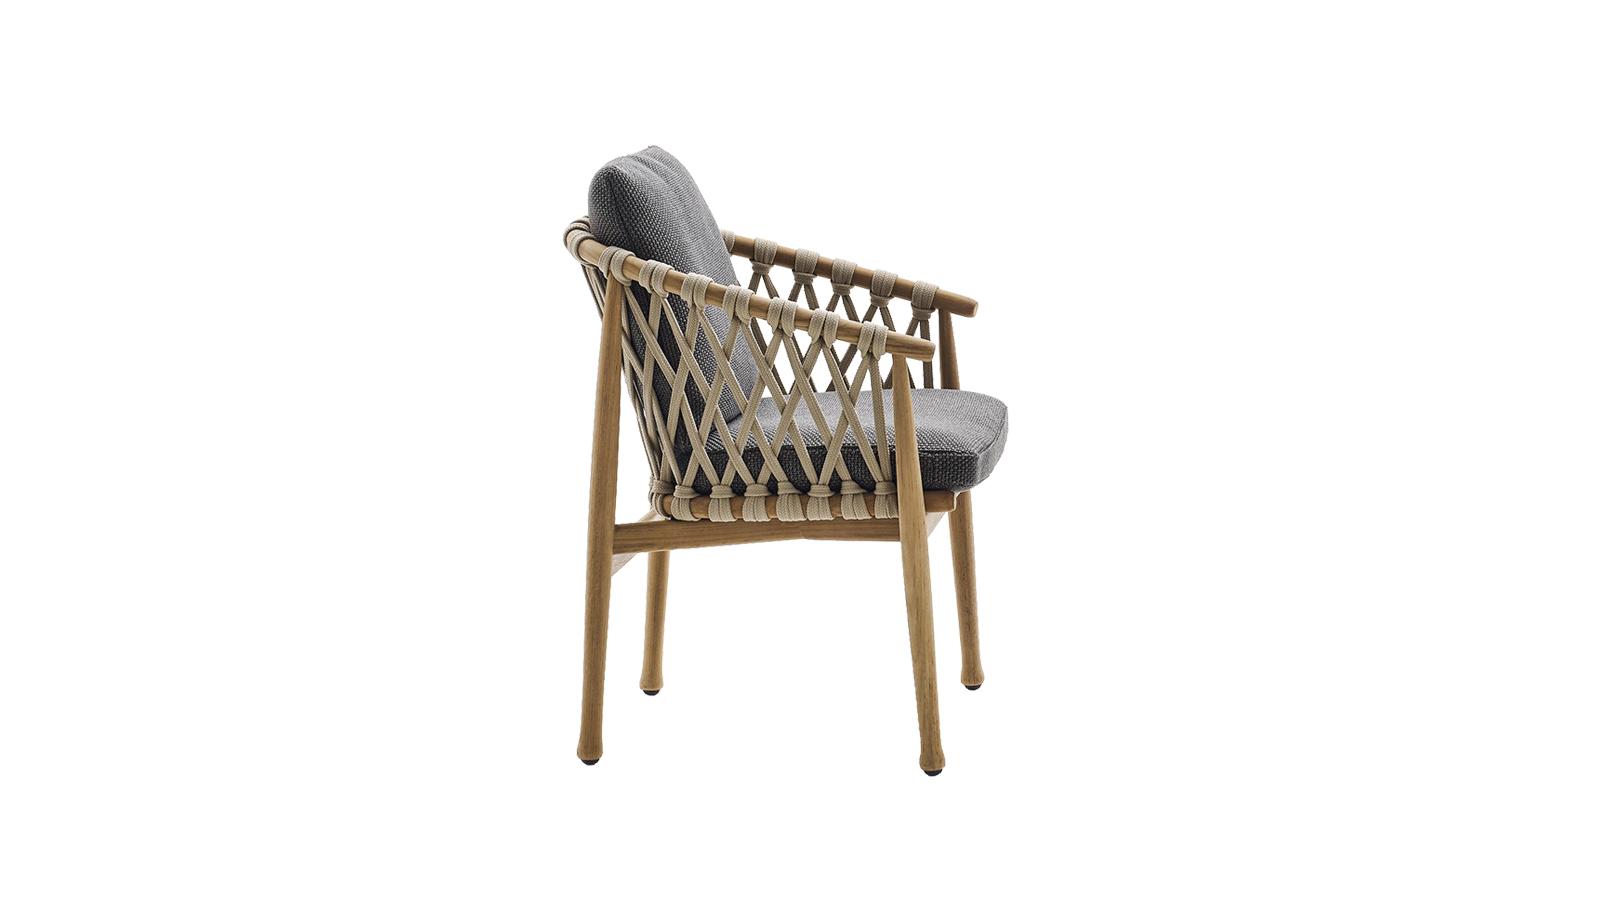 A Ginestra kültéri kollekcióhoz tartozó székek természetes teakfából készülnek, stílusukat illetően pedig kissé skandináv jegyeket hordozó, de ugyanakkor ázsiai ihletésű darabok. A kollekció székének karakterét a polipropilén szövet adja, mely remekül bírja a kültéri használatot is.